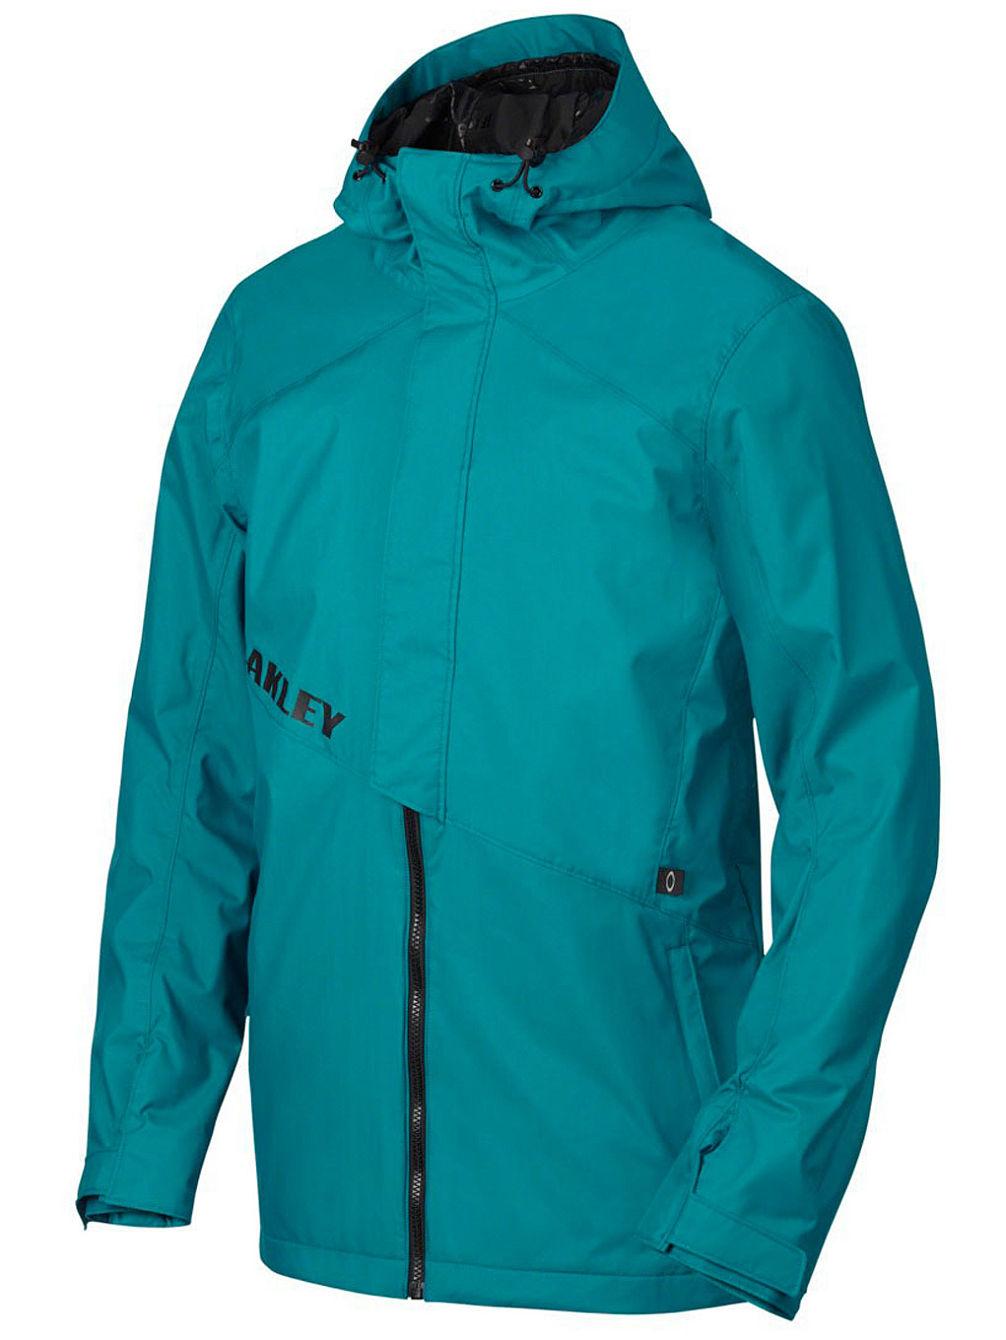 Oakley womens ski jackets